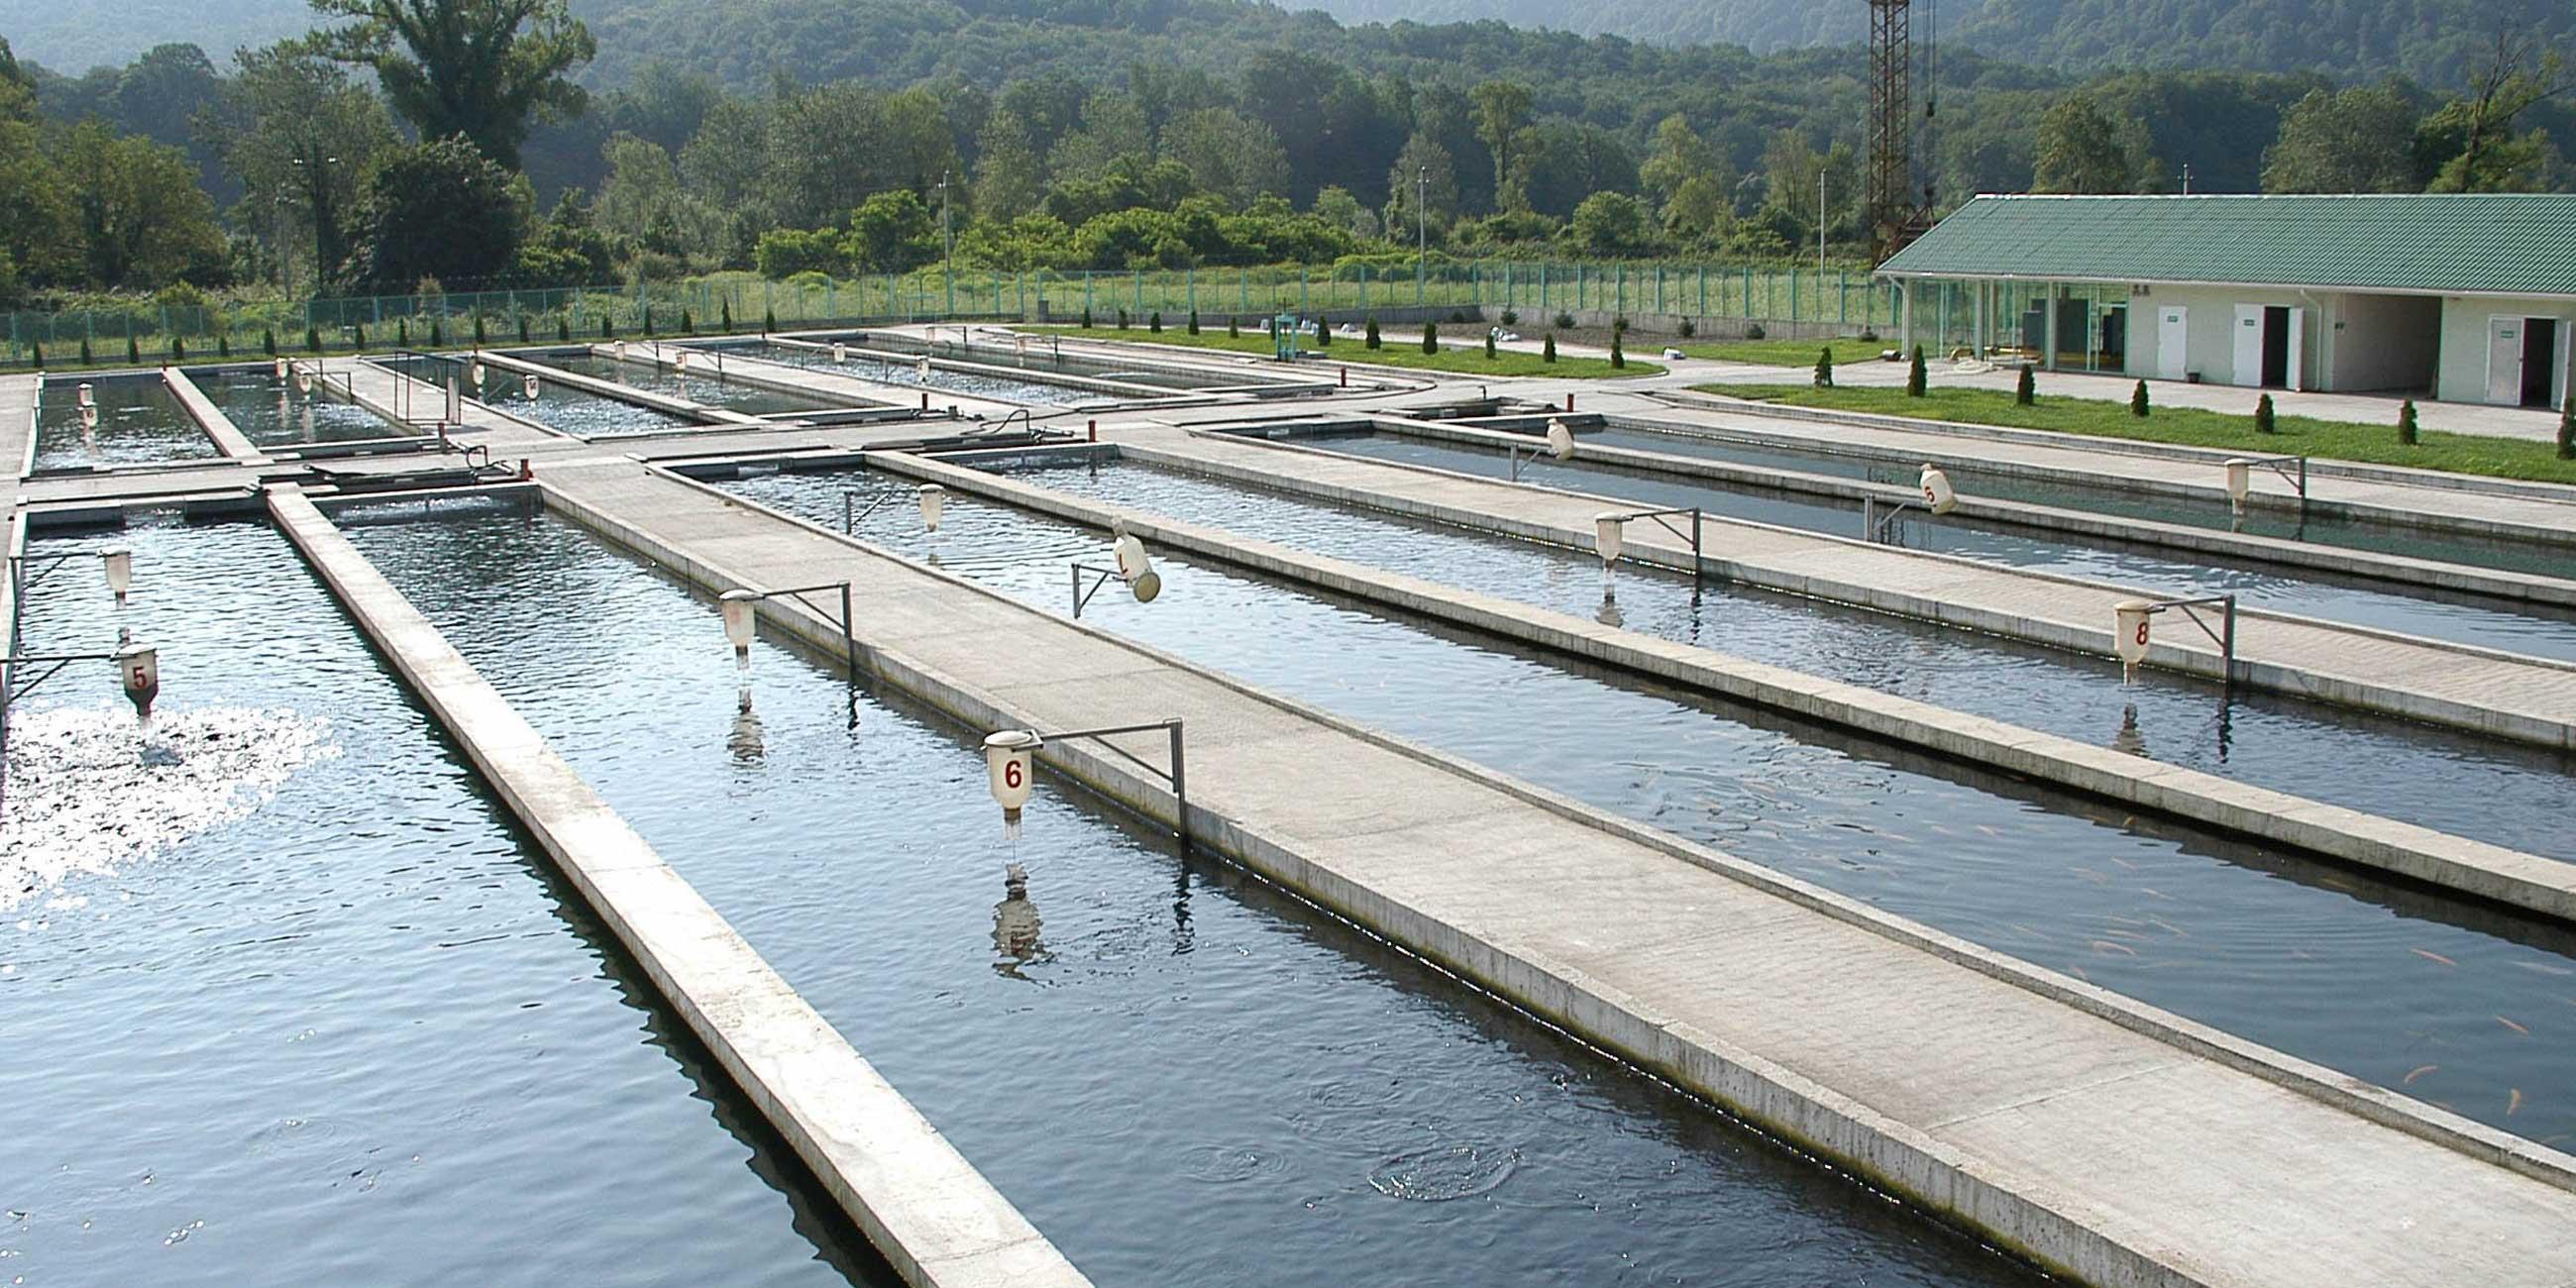 Форелевая ферма – это огромная система бассейнов, наполненных чистыми водами реки Мзымты.Фото: globallookpress.com